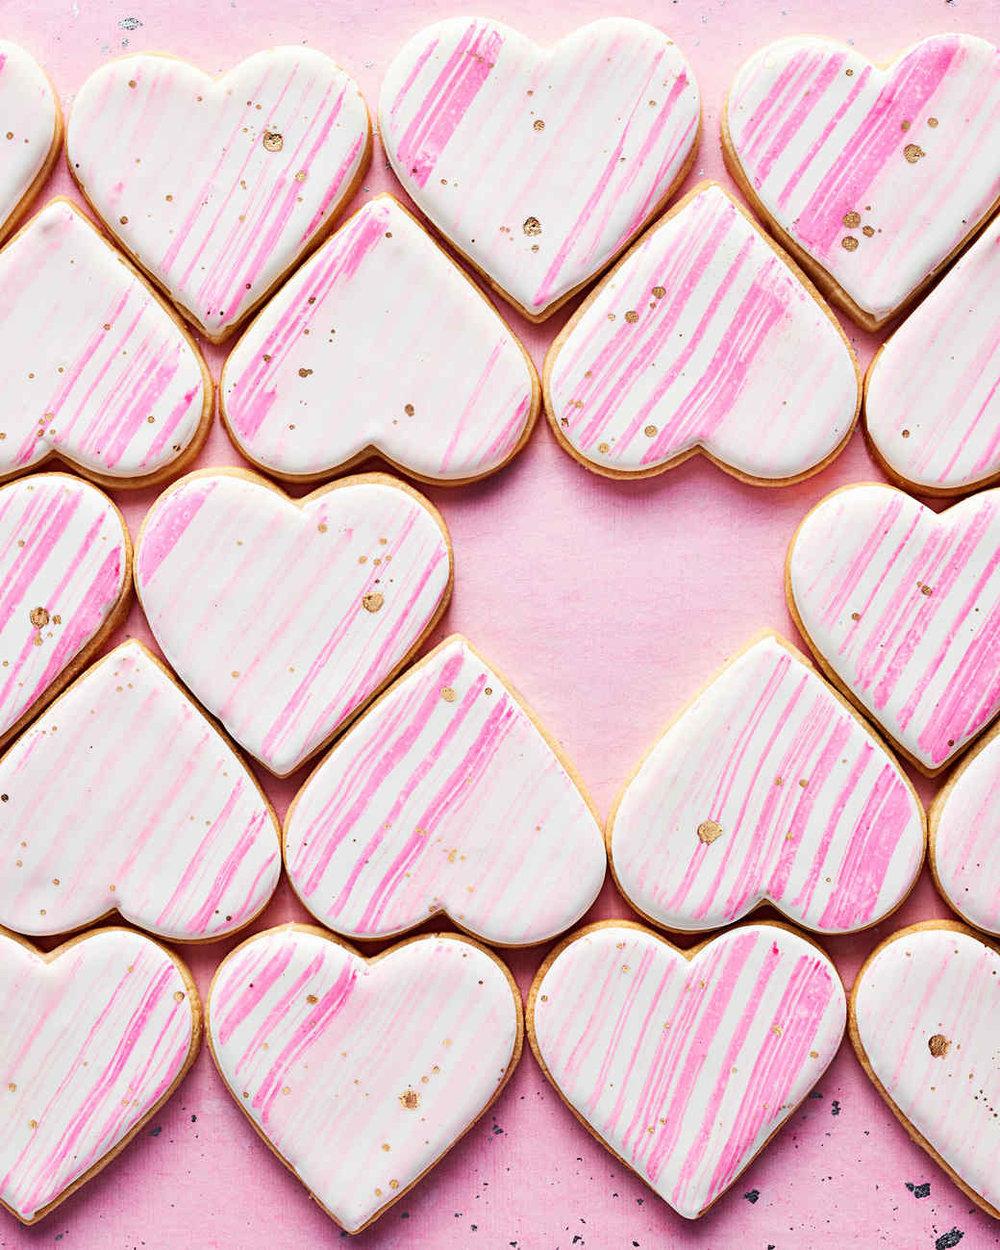 sugar-cookie-hearts-102864726_vert.jpg